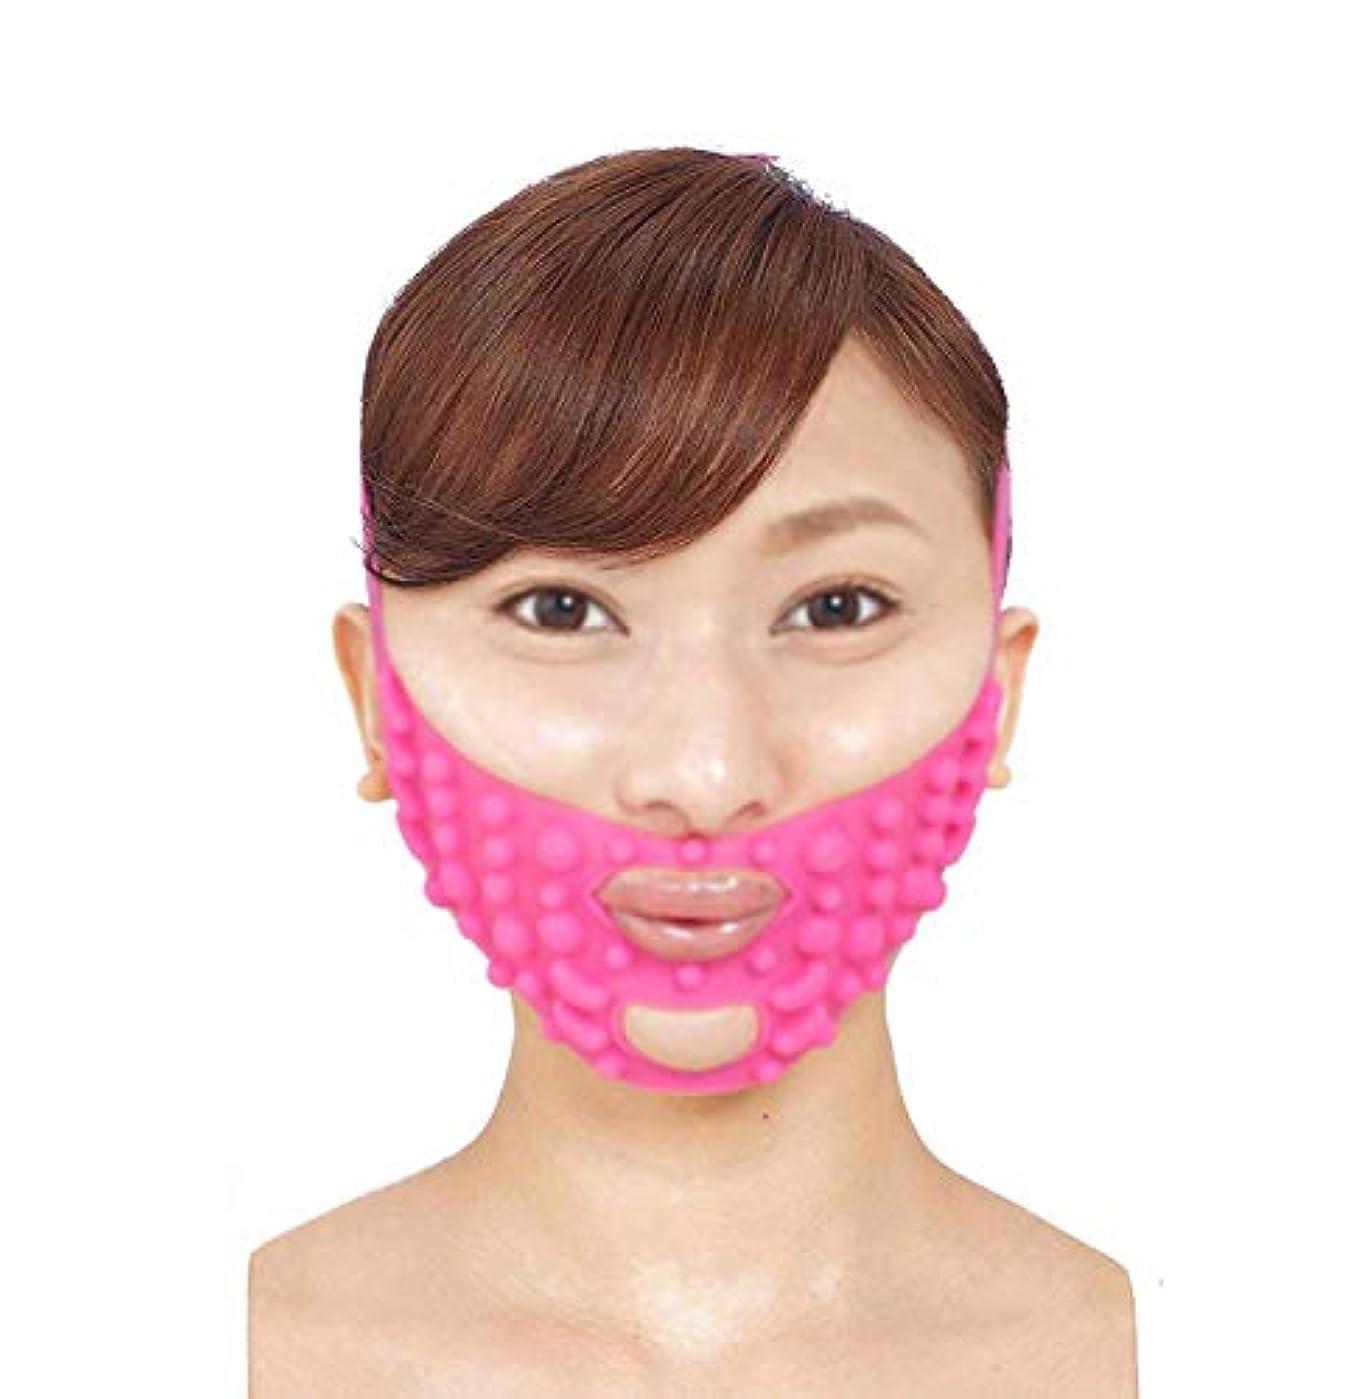 確認する慣習マイナーフェイシャルマスク、フェイスリフティングアーティファクトフェイスマスク垂れ顔SサイズVフェイス包帯通気性スリーピングフェイスダブルチンチンセットスリープ弾性スリミングベルト